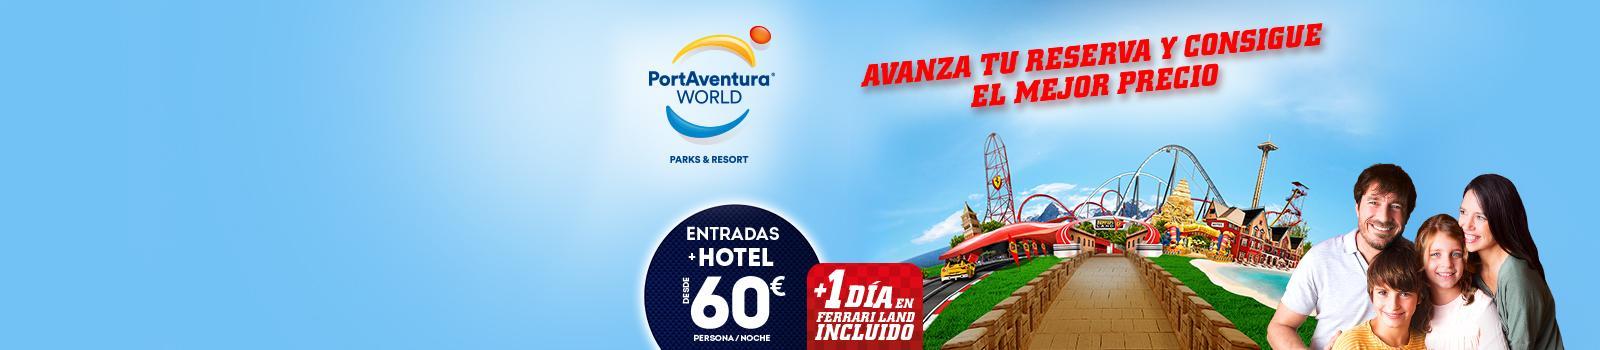 Oferta Hotel mas entrada Portaventura